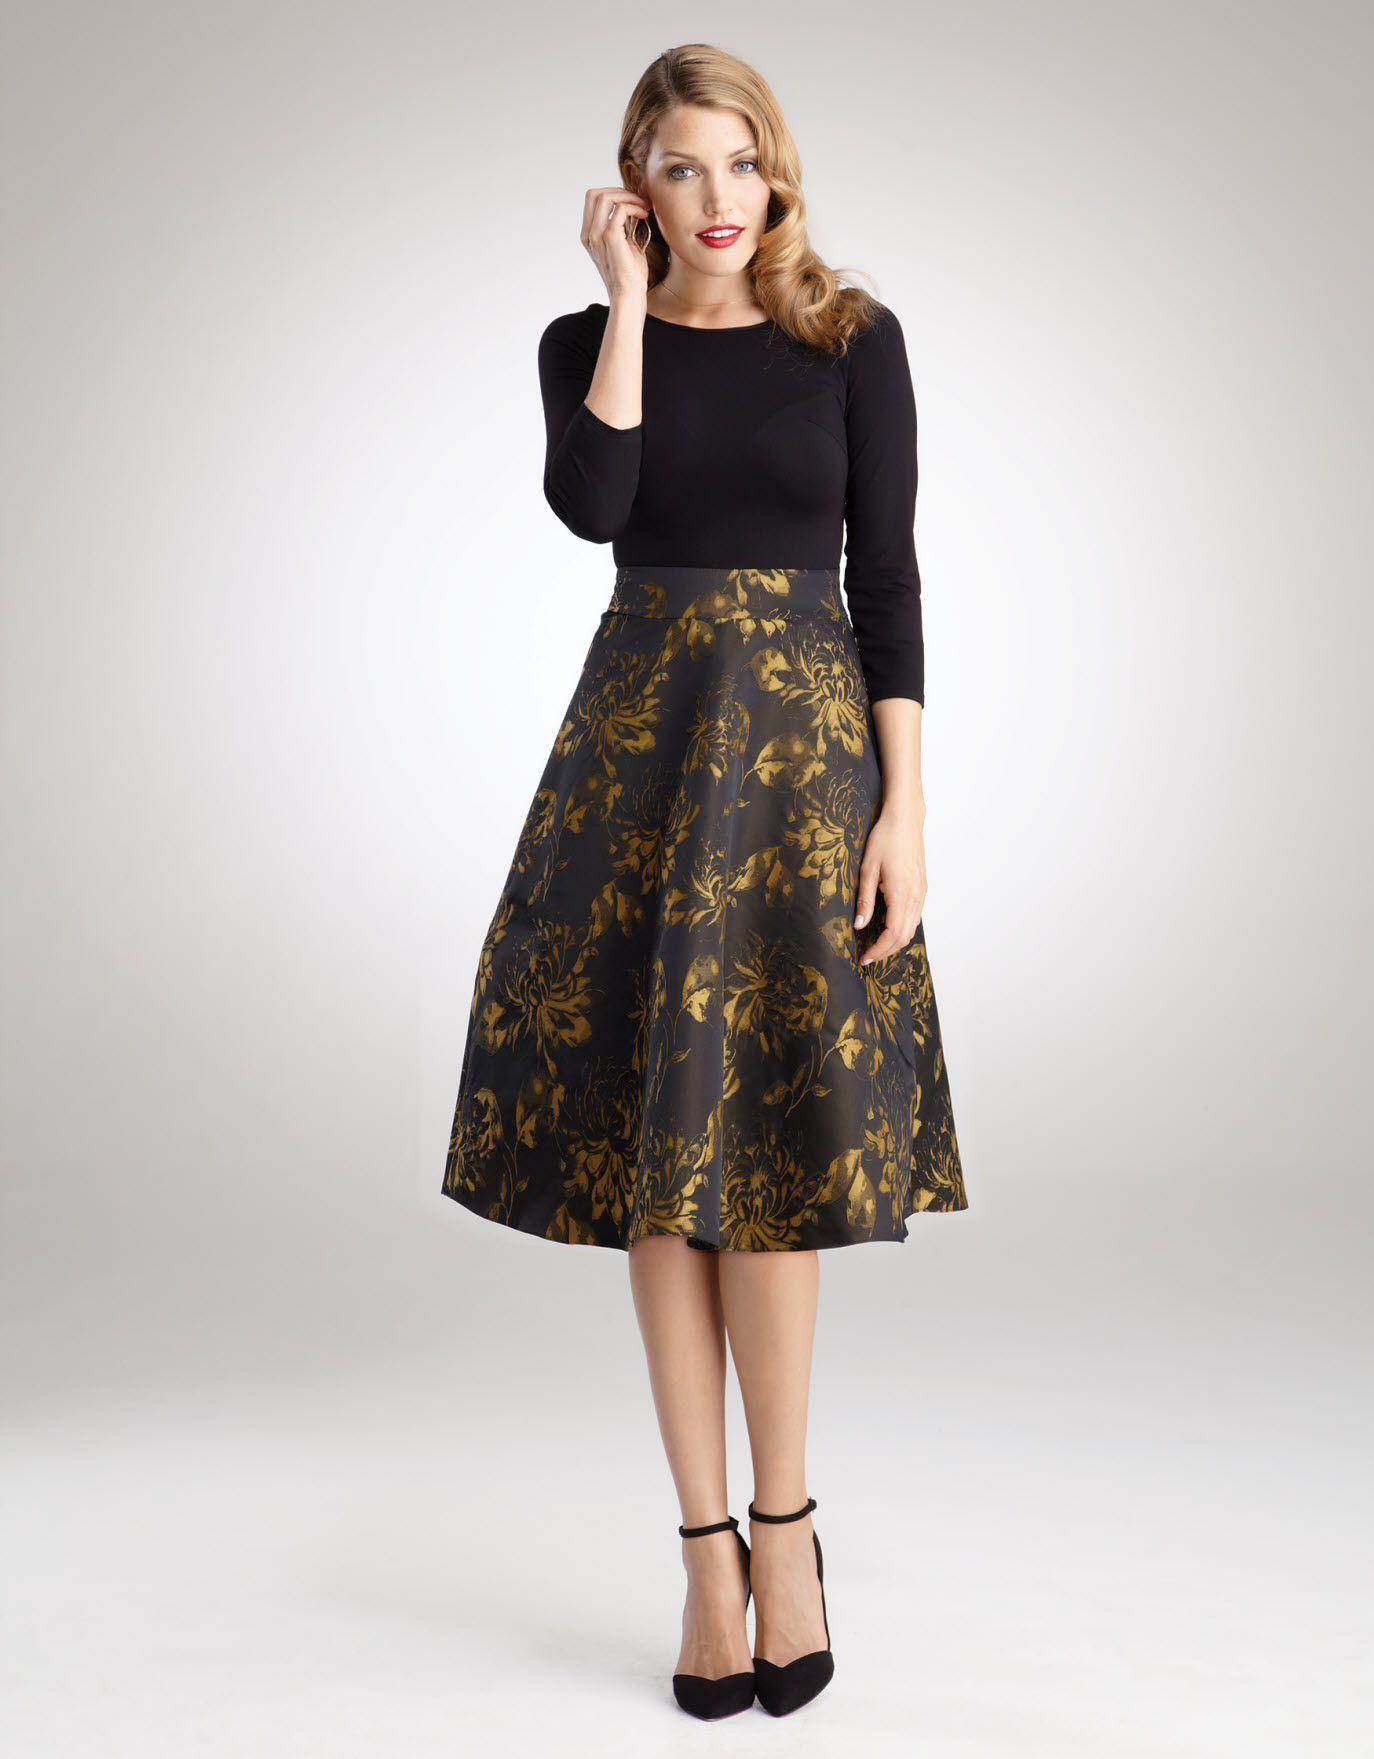 Taffeta Full Skirt Dress in Black Multi   Full skirt dress, Full ...